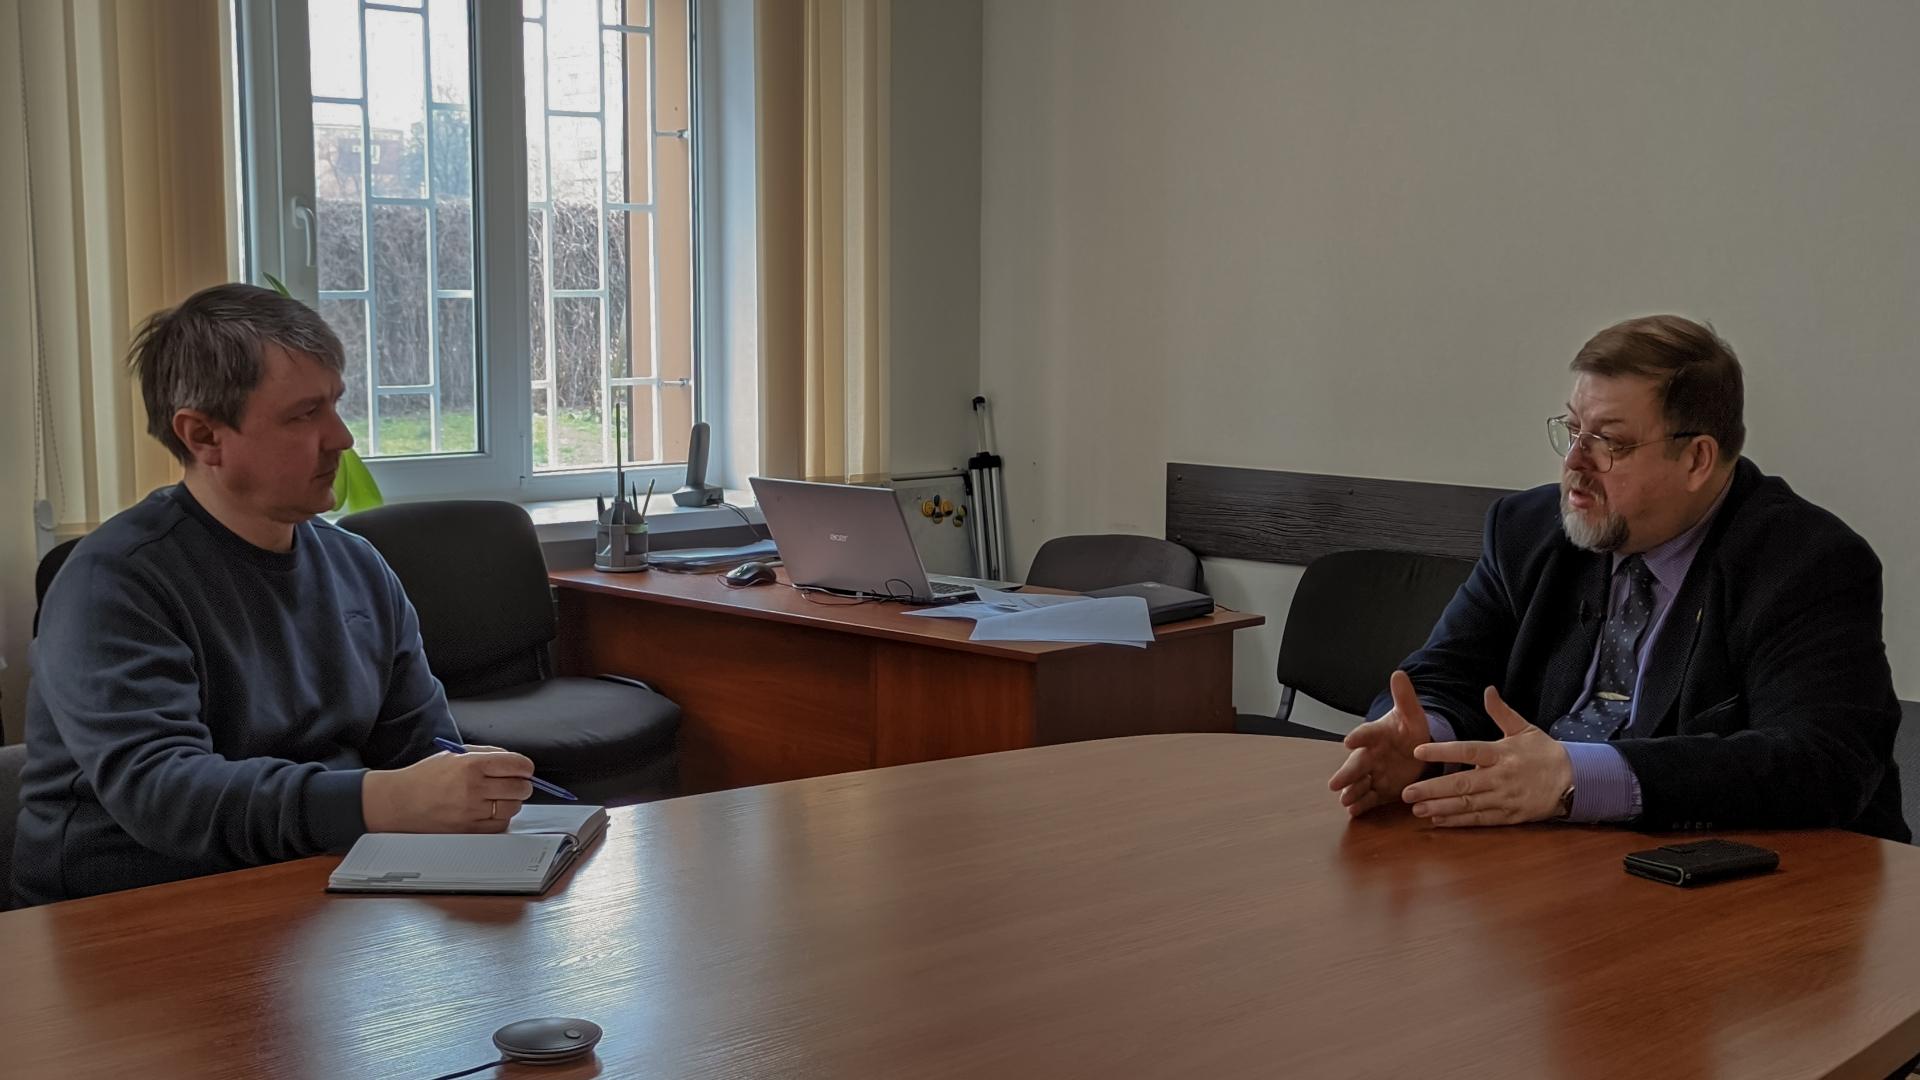 Розвиток інвестицій має йти паралельно із розвитком культури: досвід «Інституту розвитку Кременчука» досліджували олександрійці